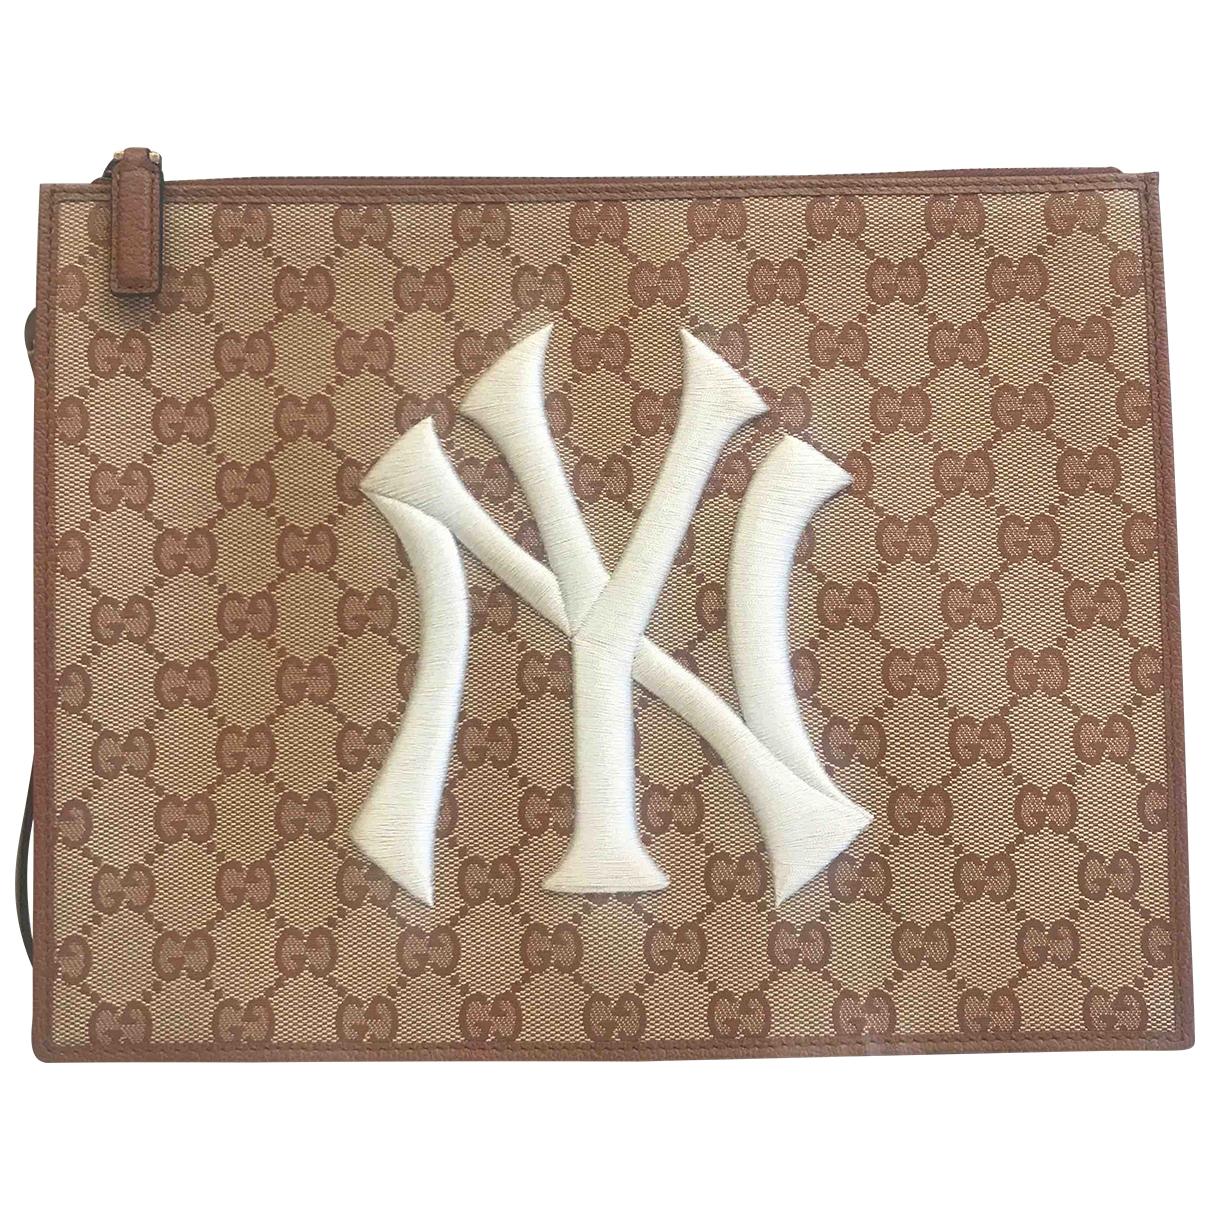 Bolsos clutch en Algodon Gucci